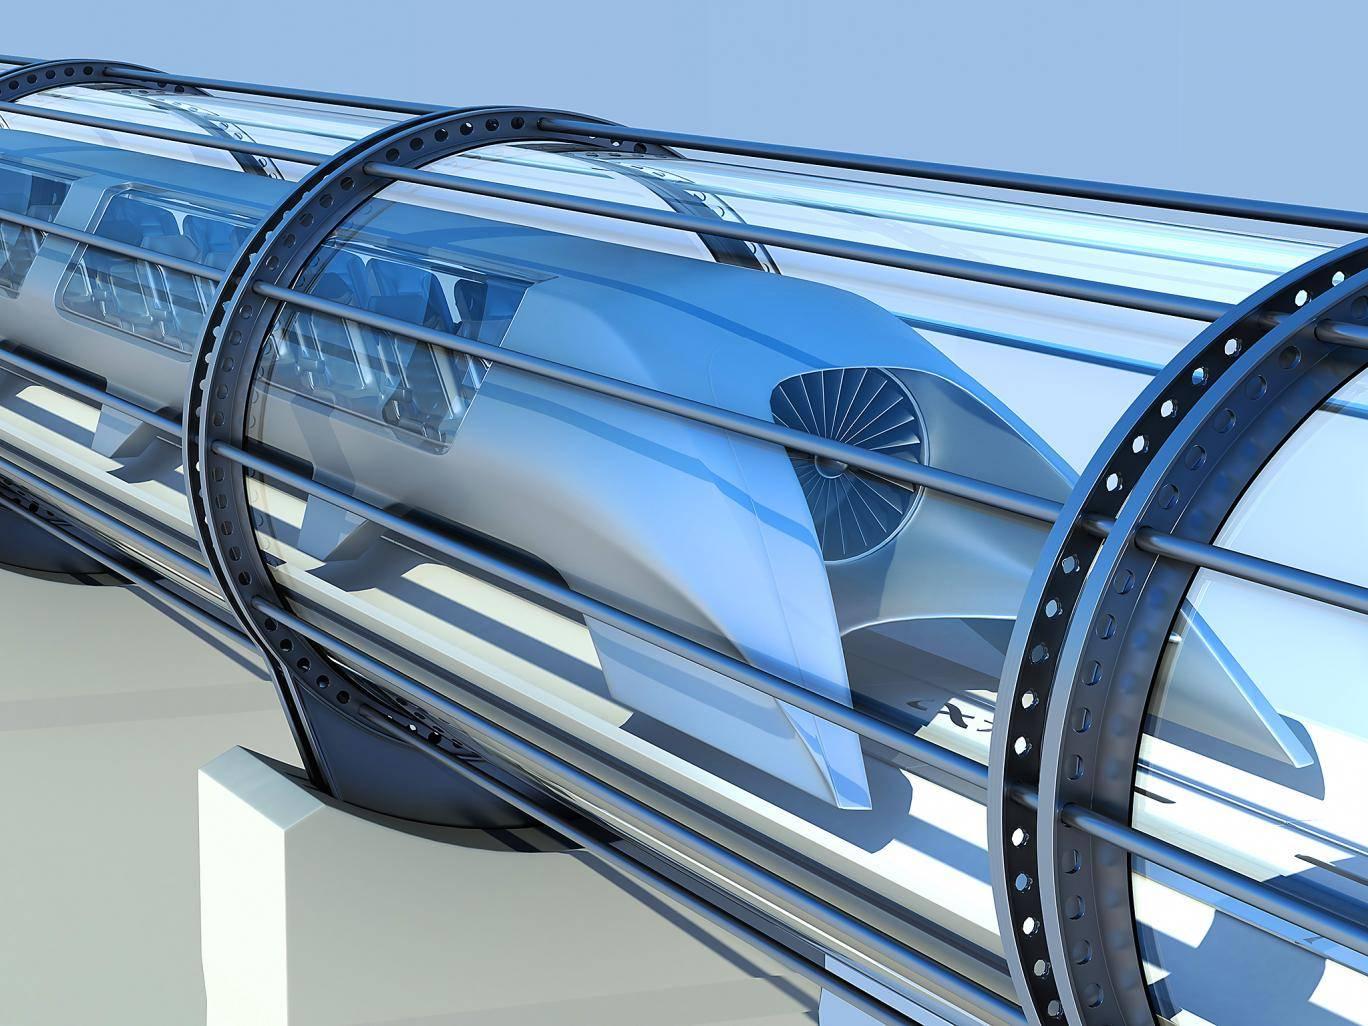 Капсула Hyperloop способна доставить пассажира из Киева в Одессу за 31 минуту Фото: Shutterstock